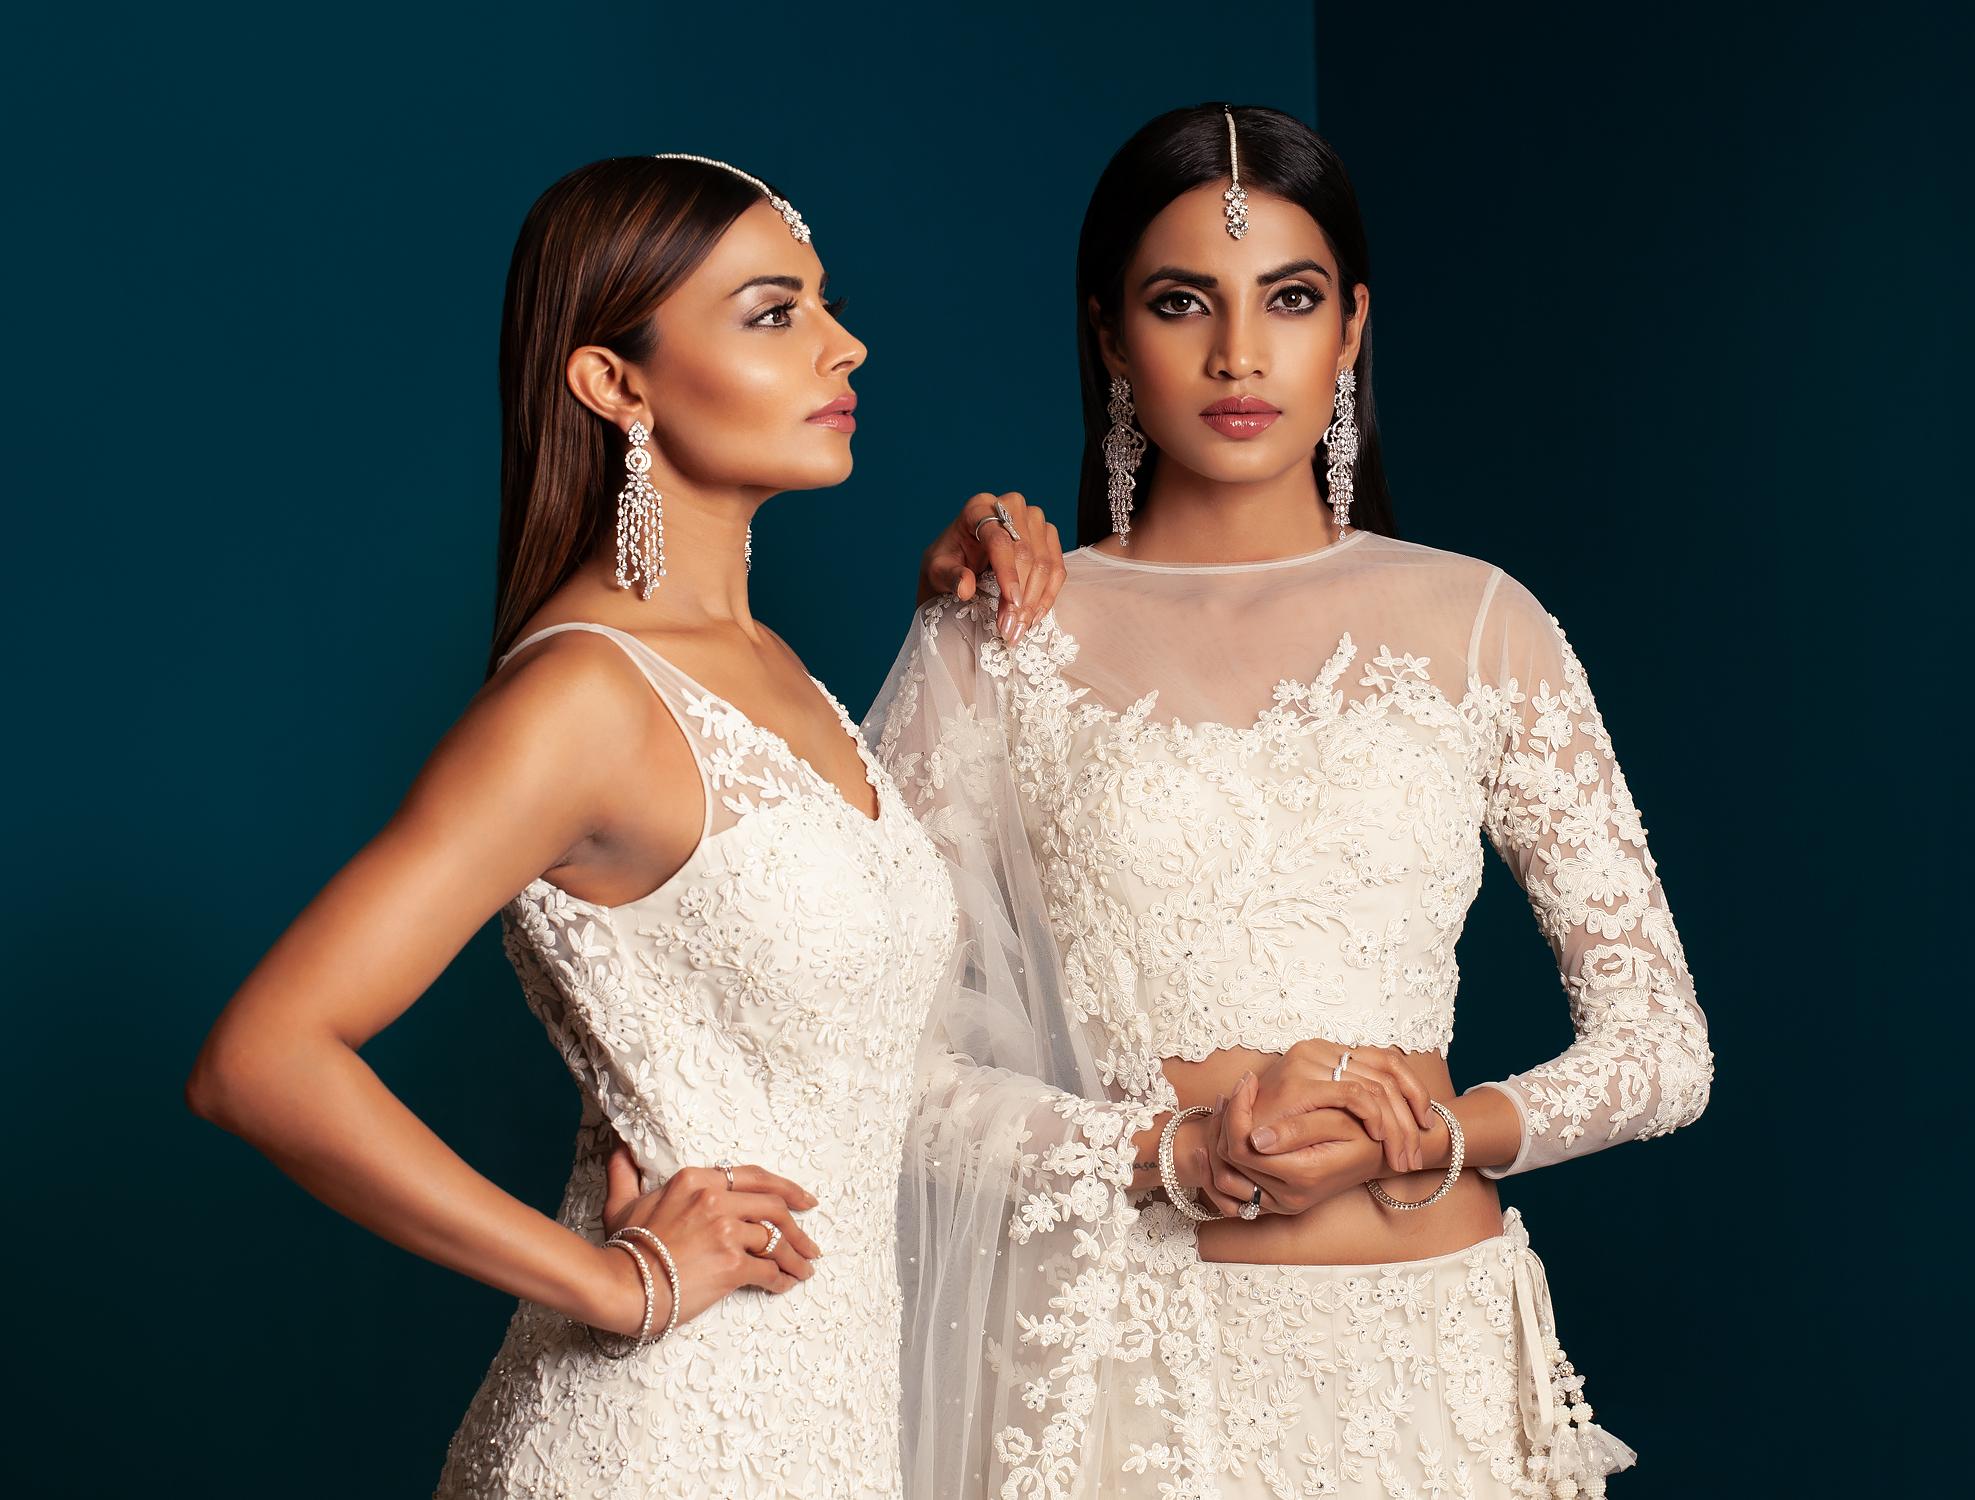 Fashion Photographer - Vipin Gaur